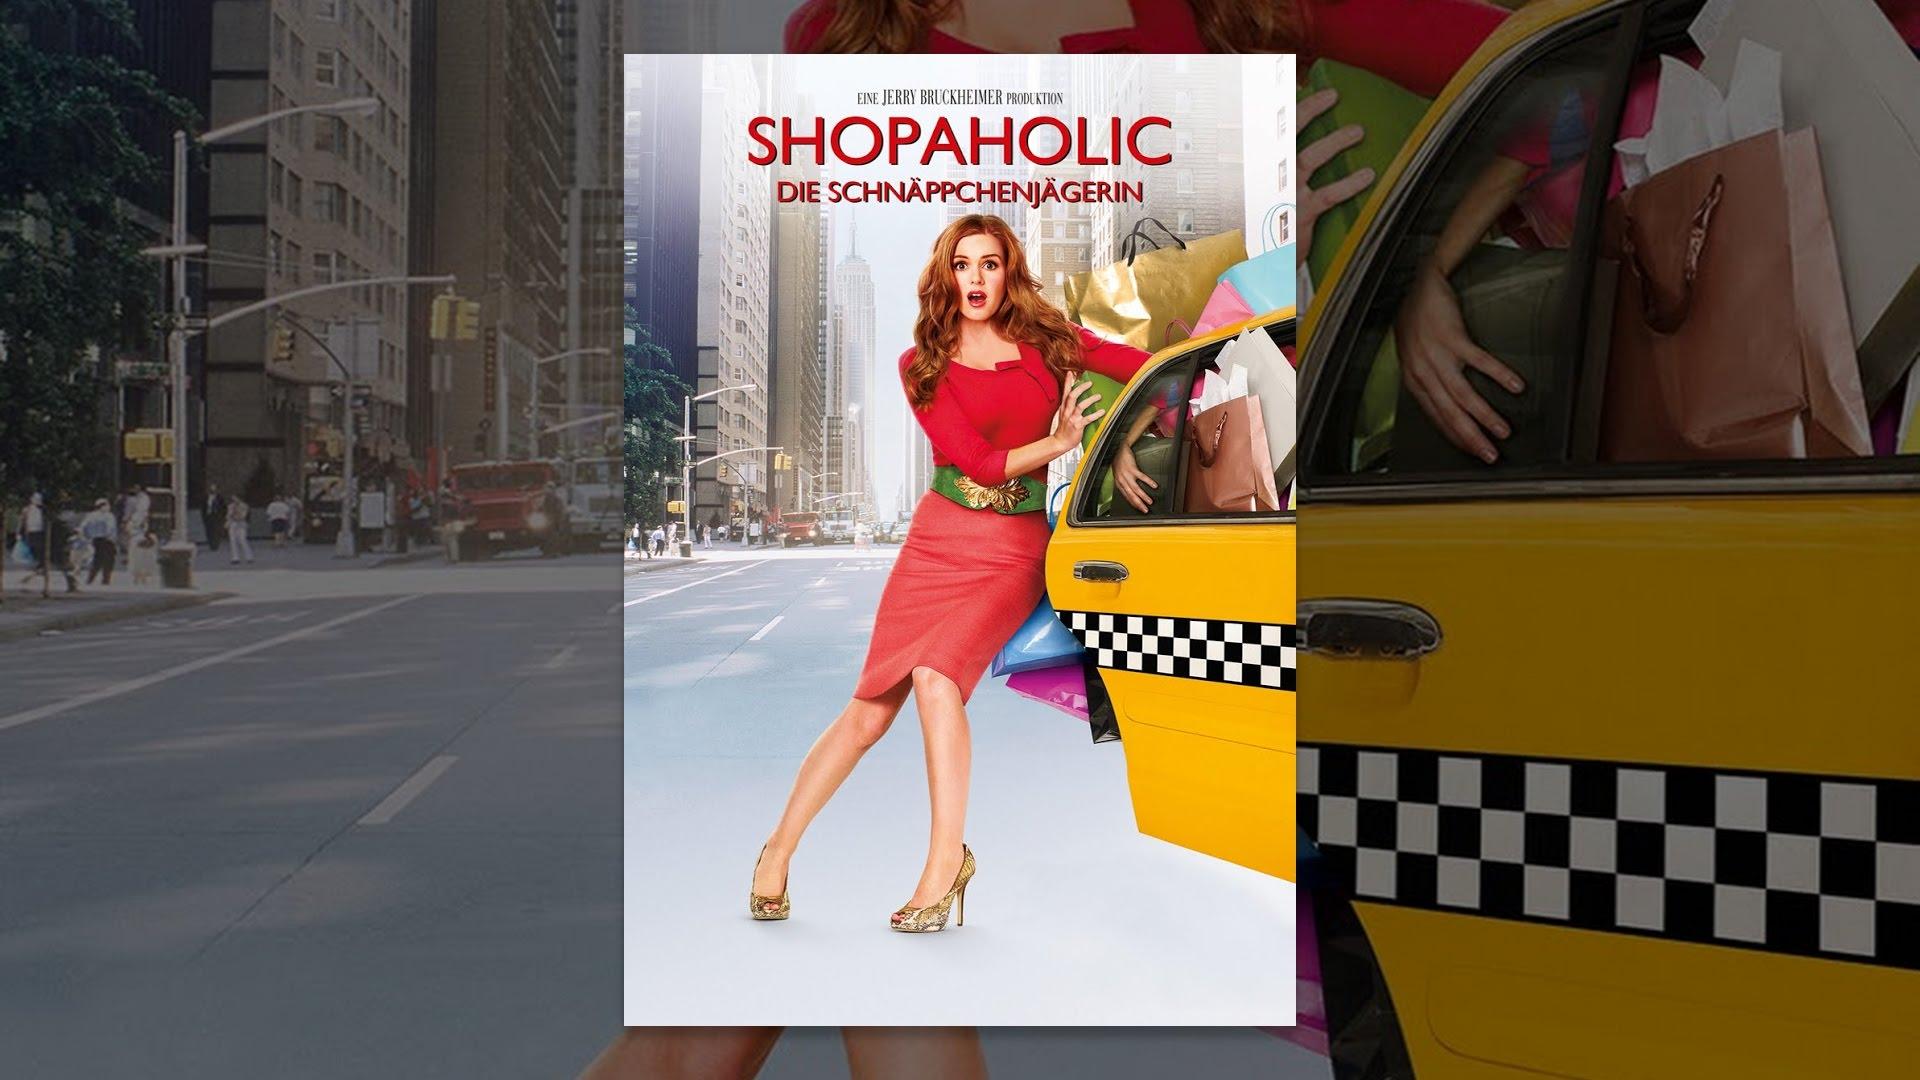 Shopaholic – Die Schnäppchenjägerin